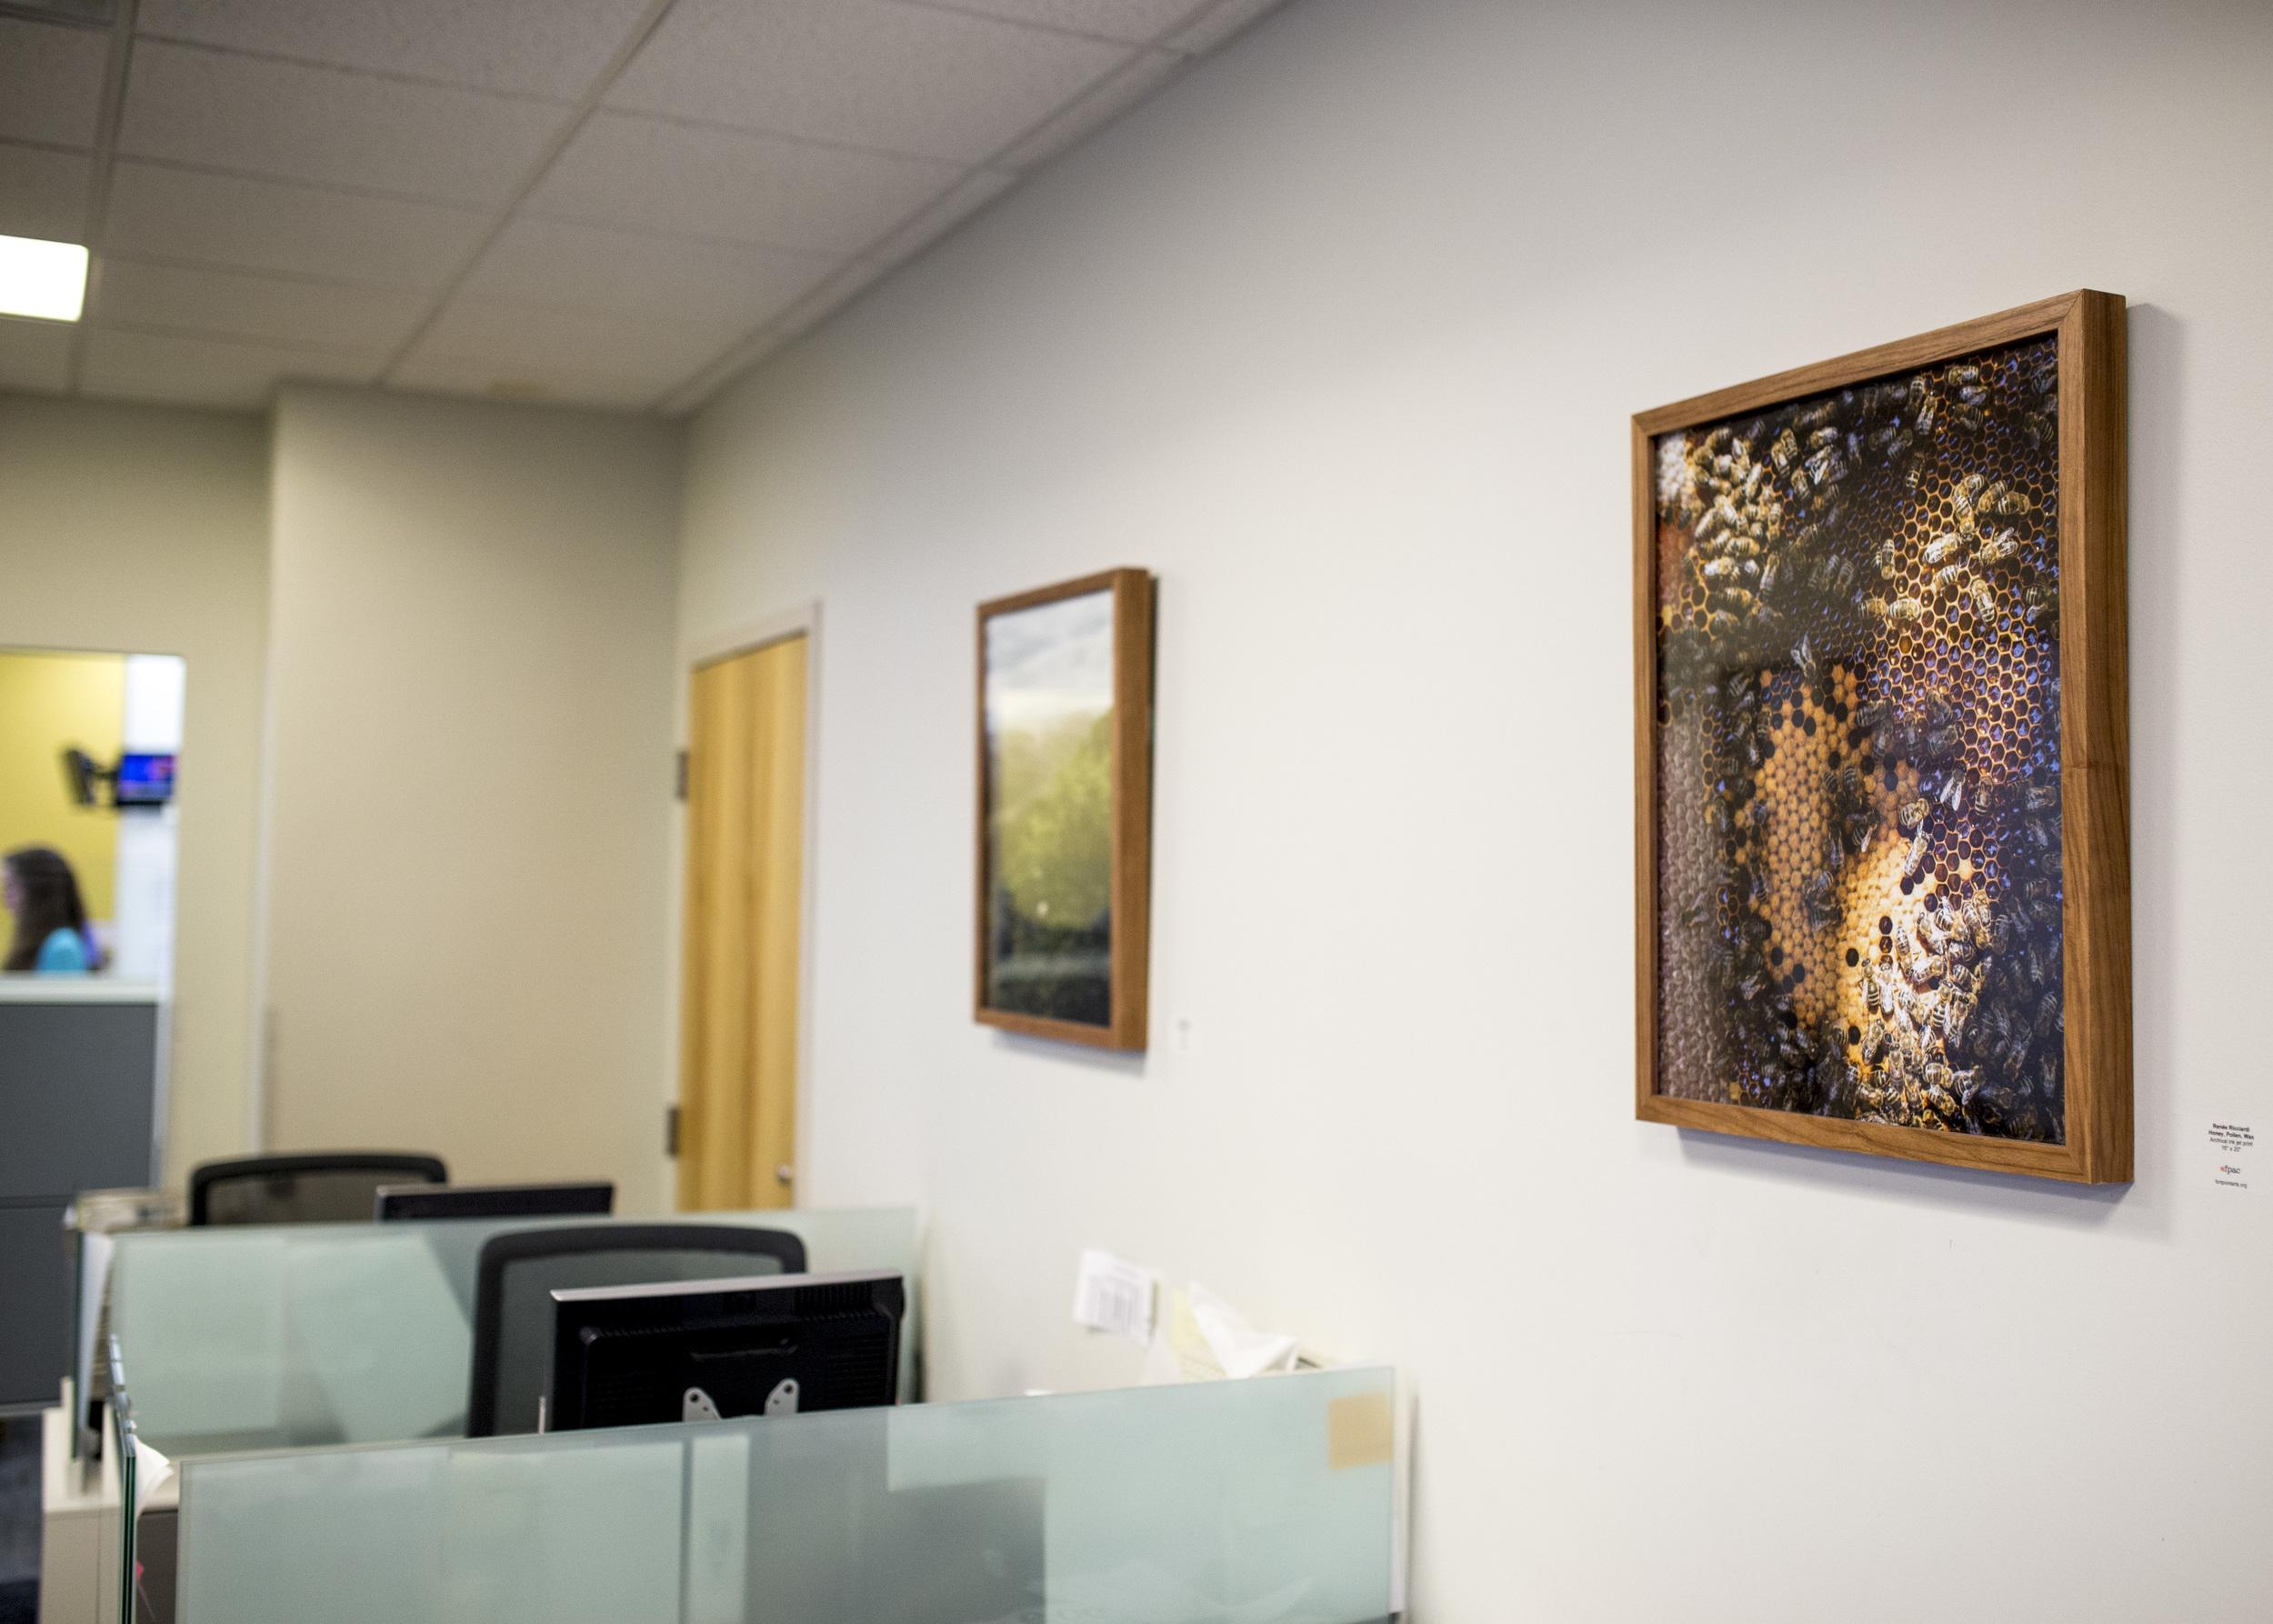 Renee Ricciardi FPAC WBUR Art Lending Program_2.jpg